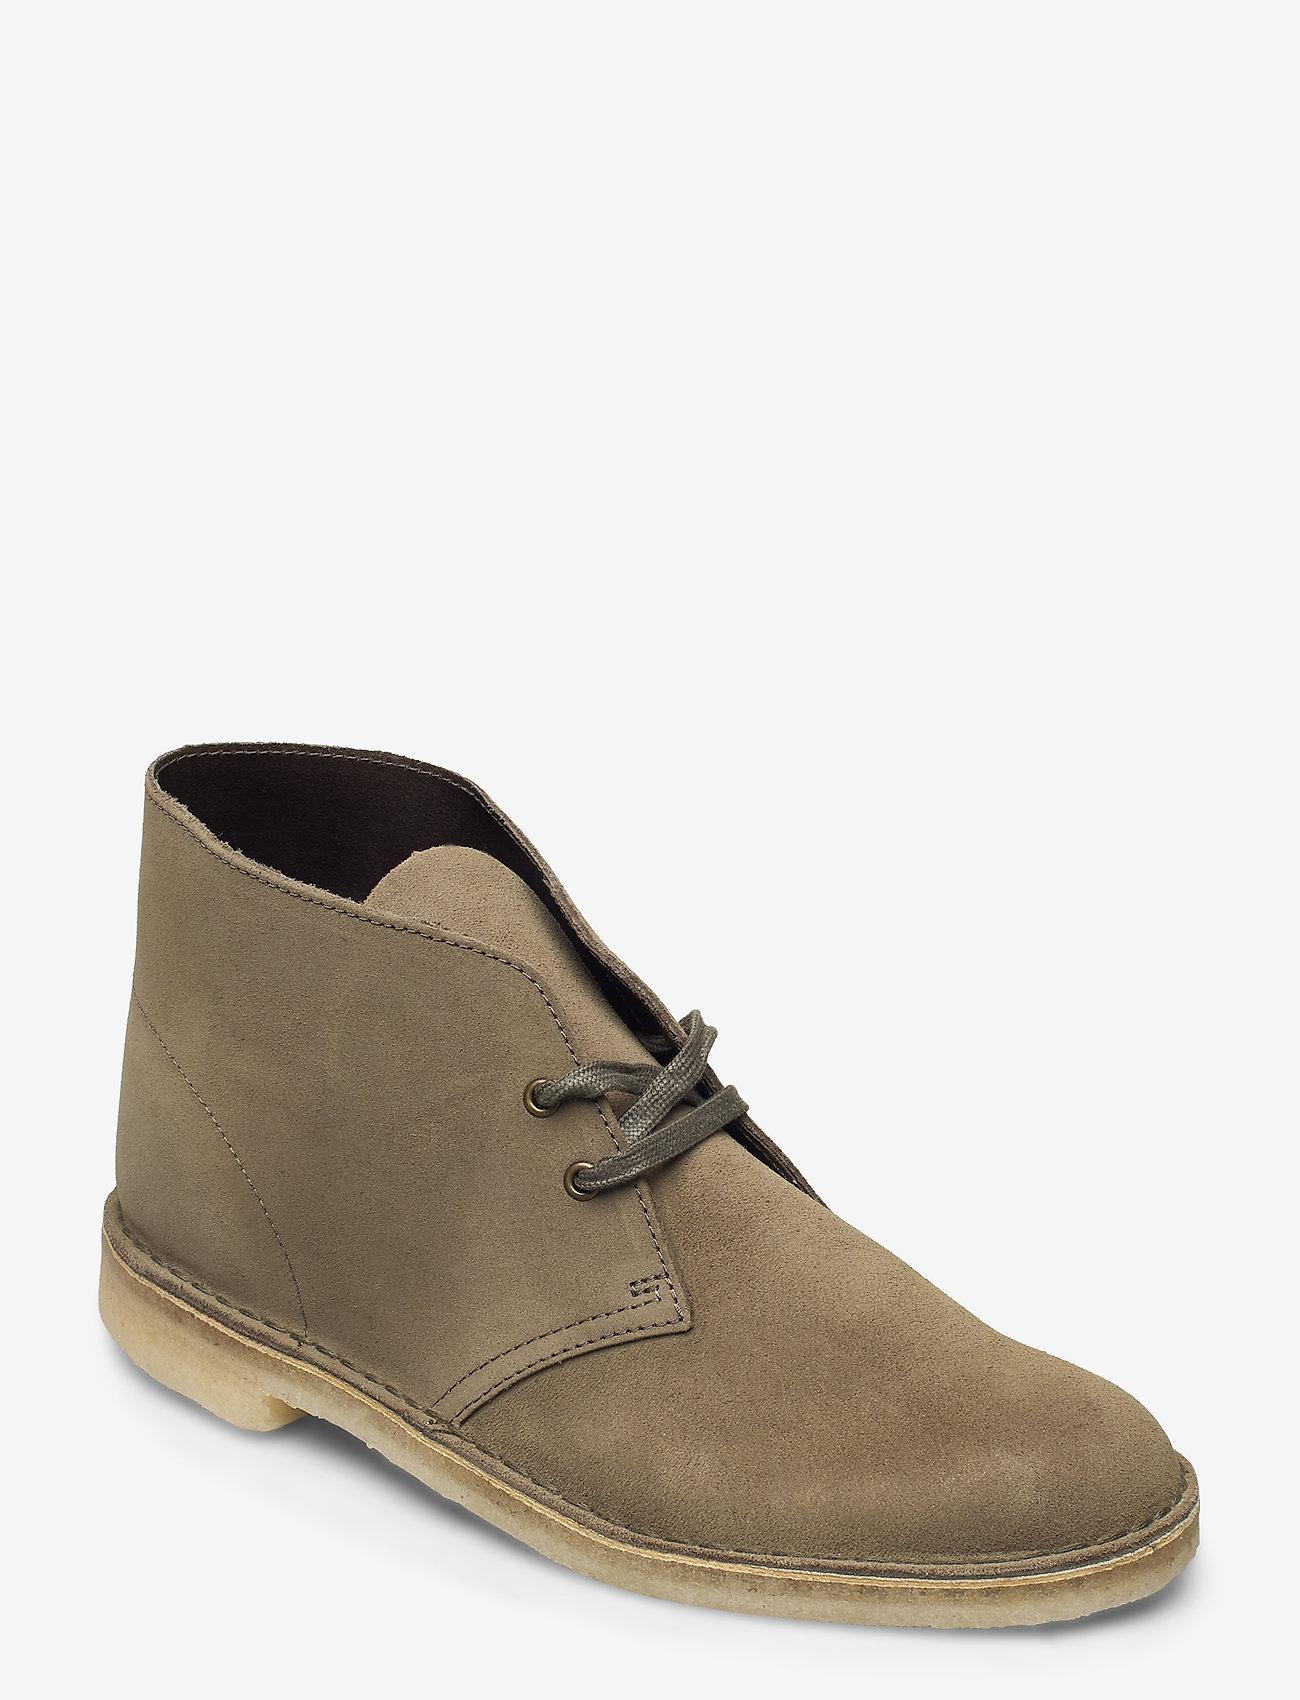 Desert Boot (Light Olive Sde) (112.50